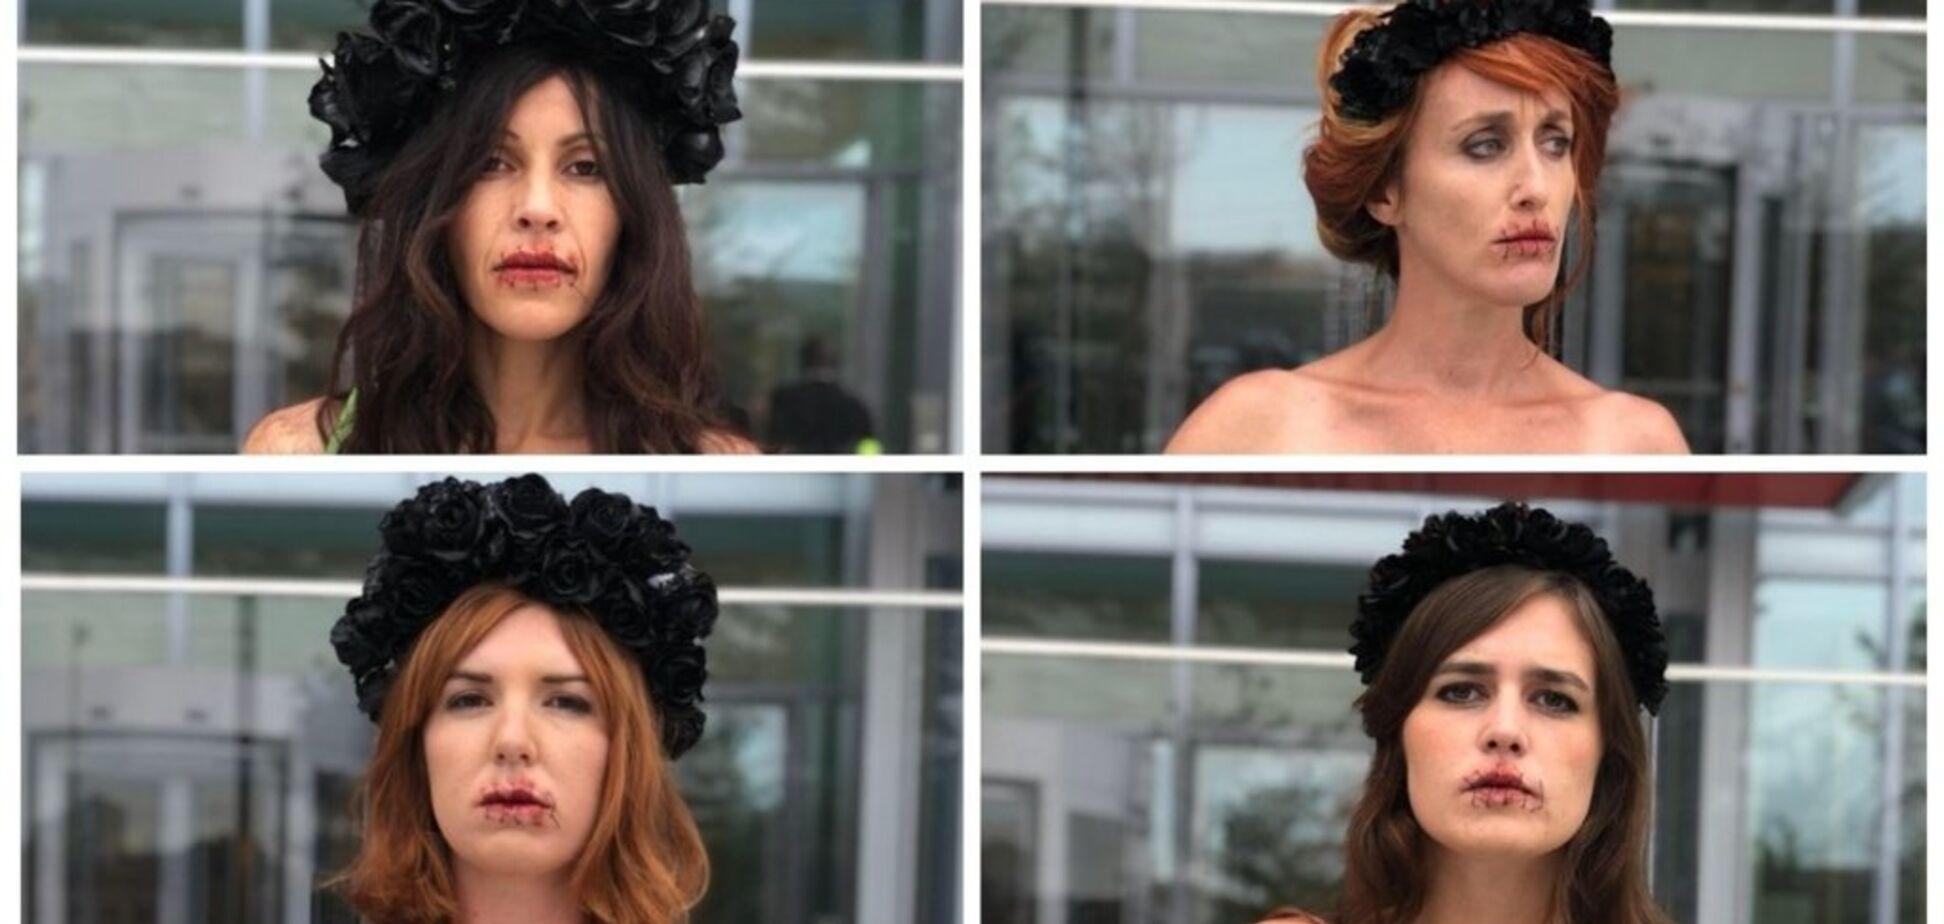 С зашитыми ртами: голые женщины вышли на акцию в Париже из-за России. Фотофакт